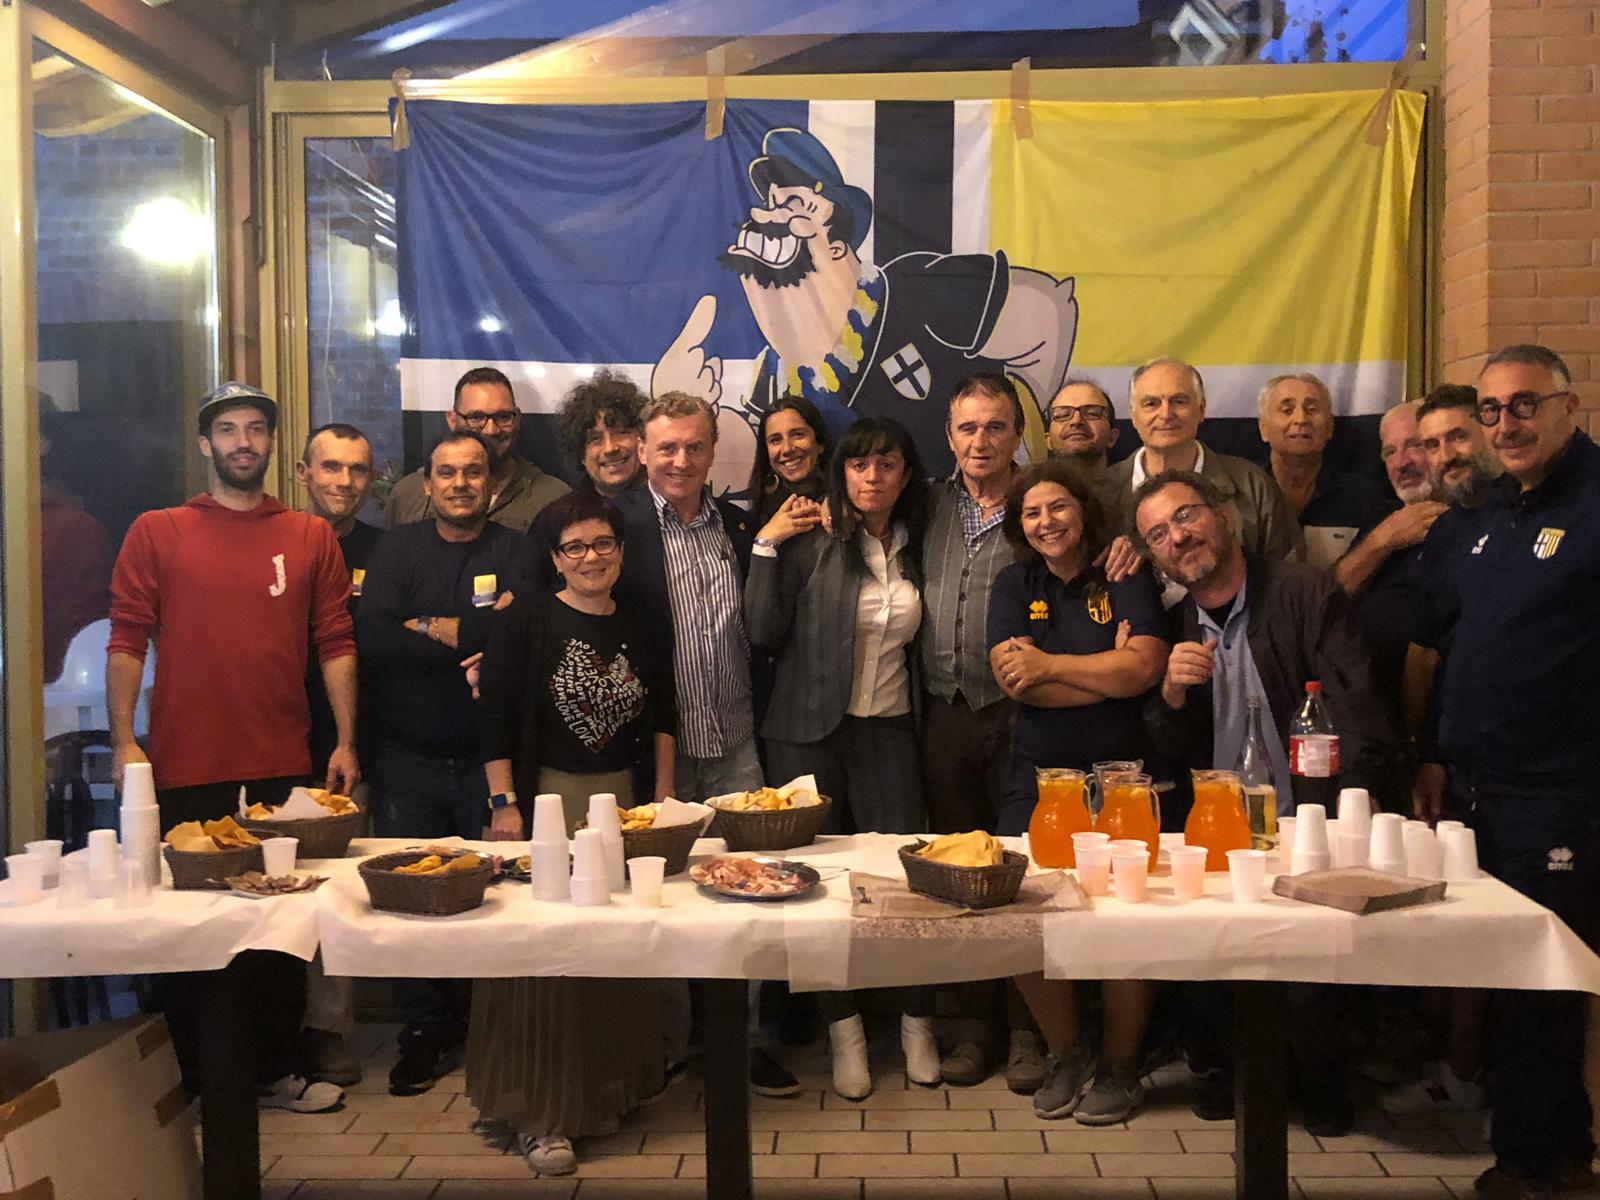 festa tesseramento parma club salsomaggiore terme 19 09 2019